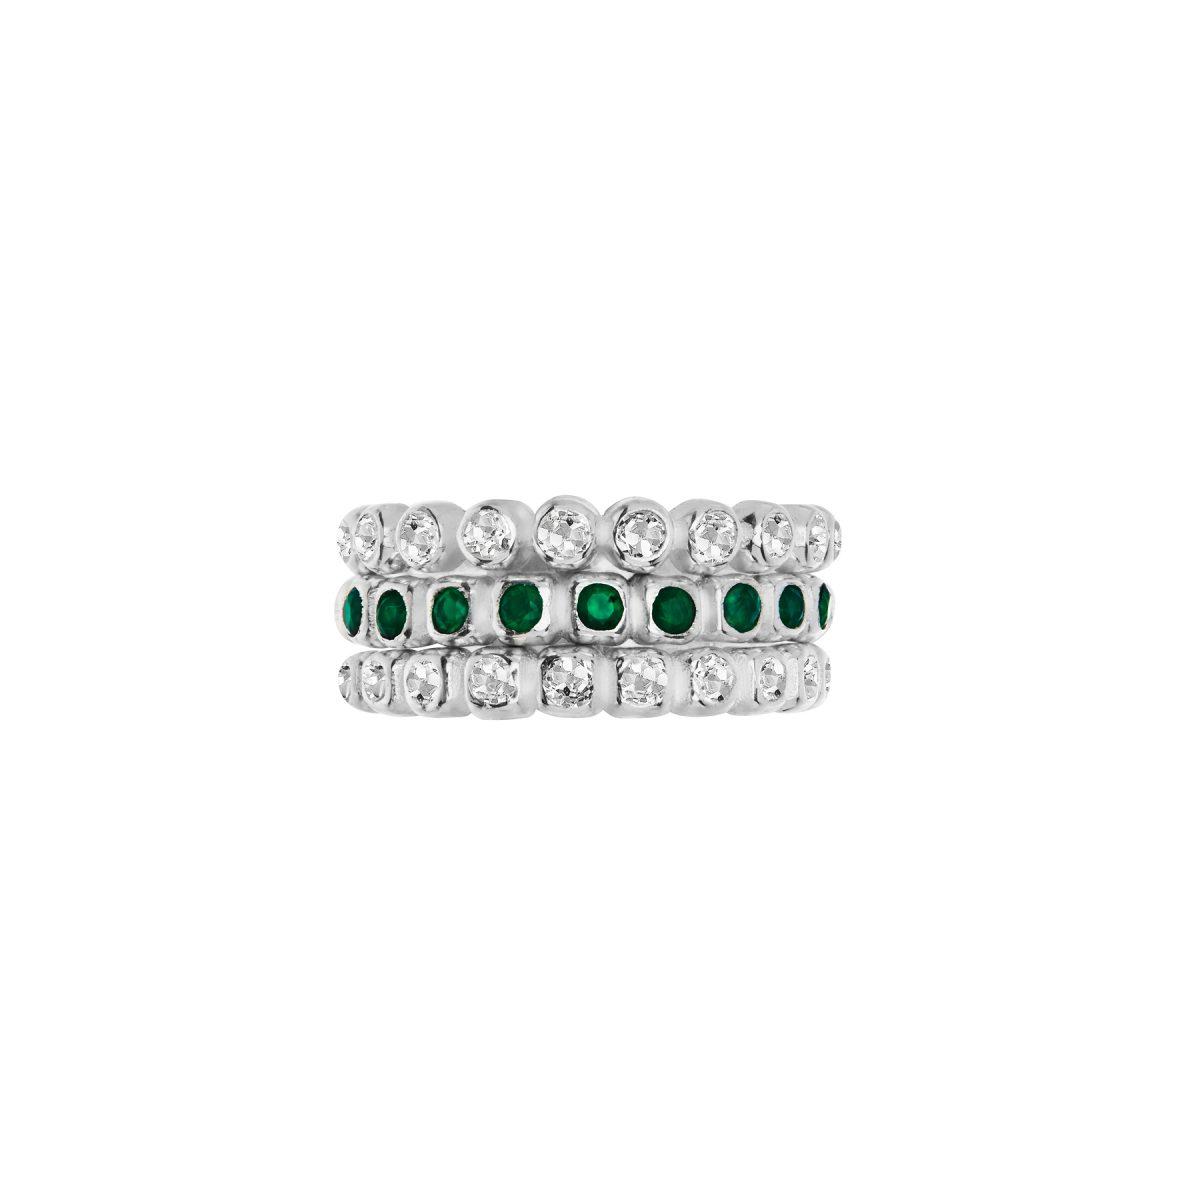 Bezel set round White Topaz half eternity ring, Green Onyx half eternity ring, stacking rings.